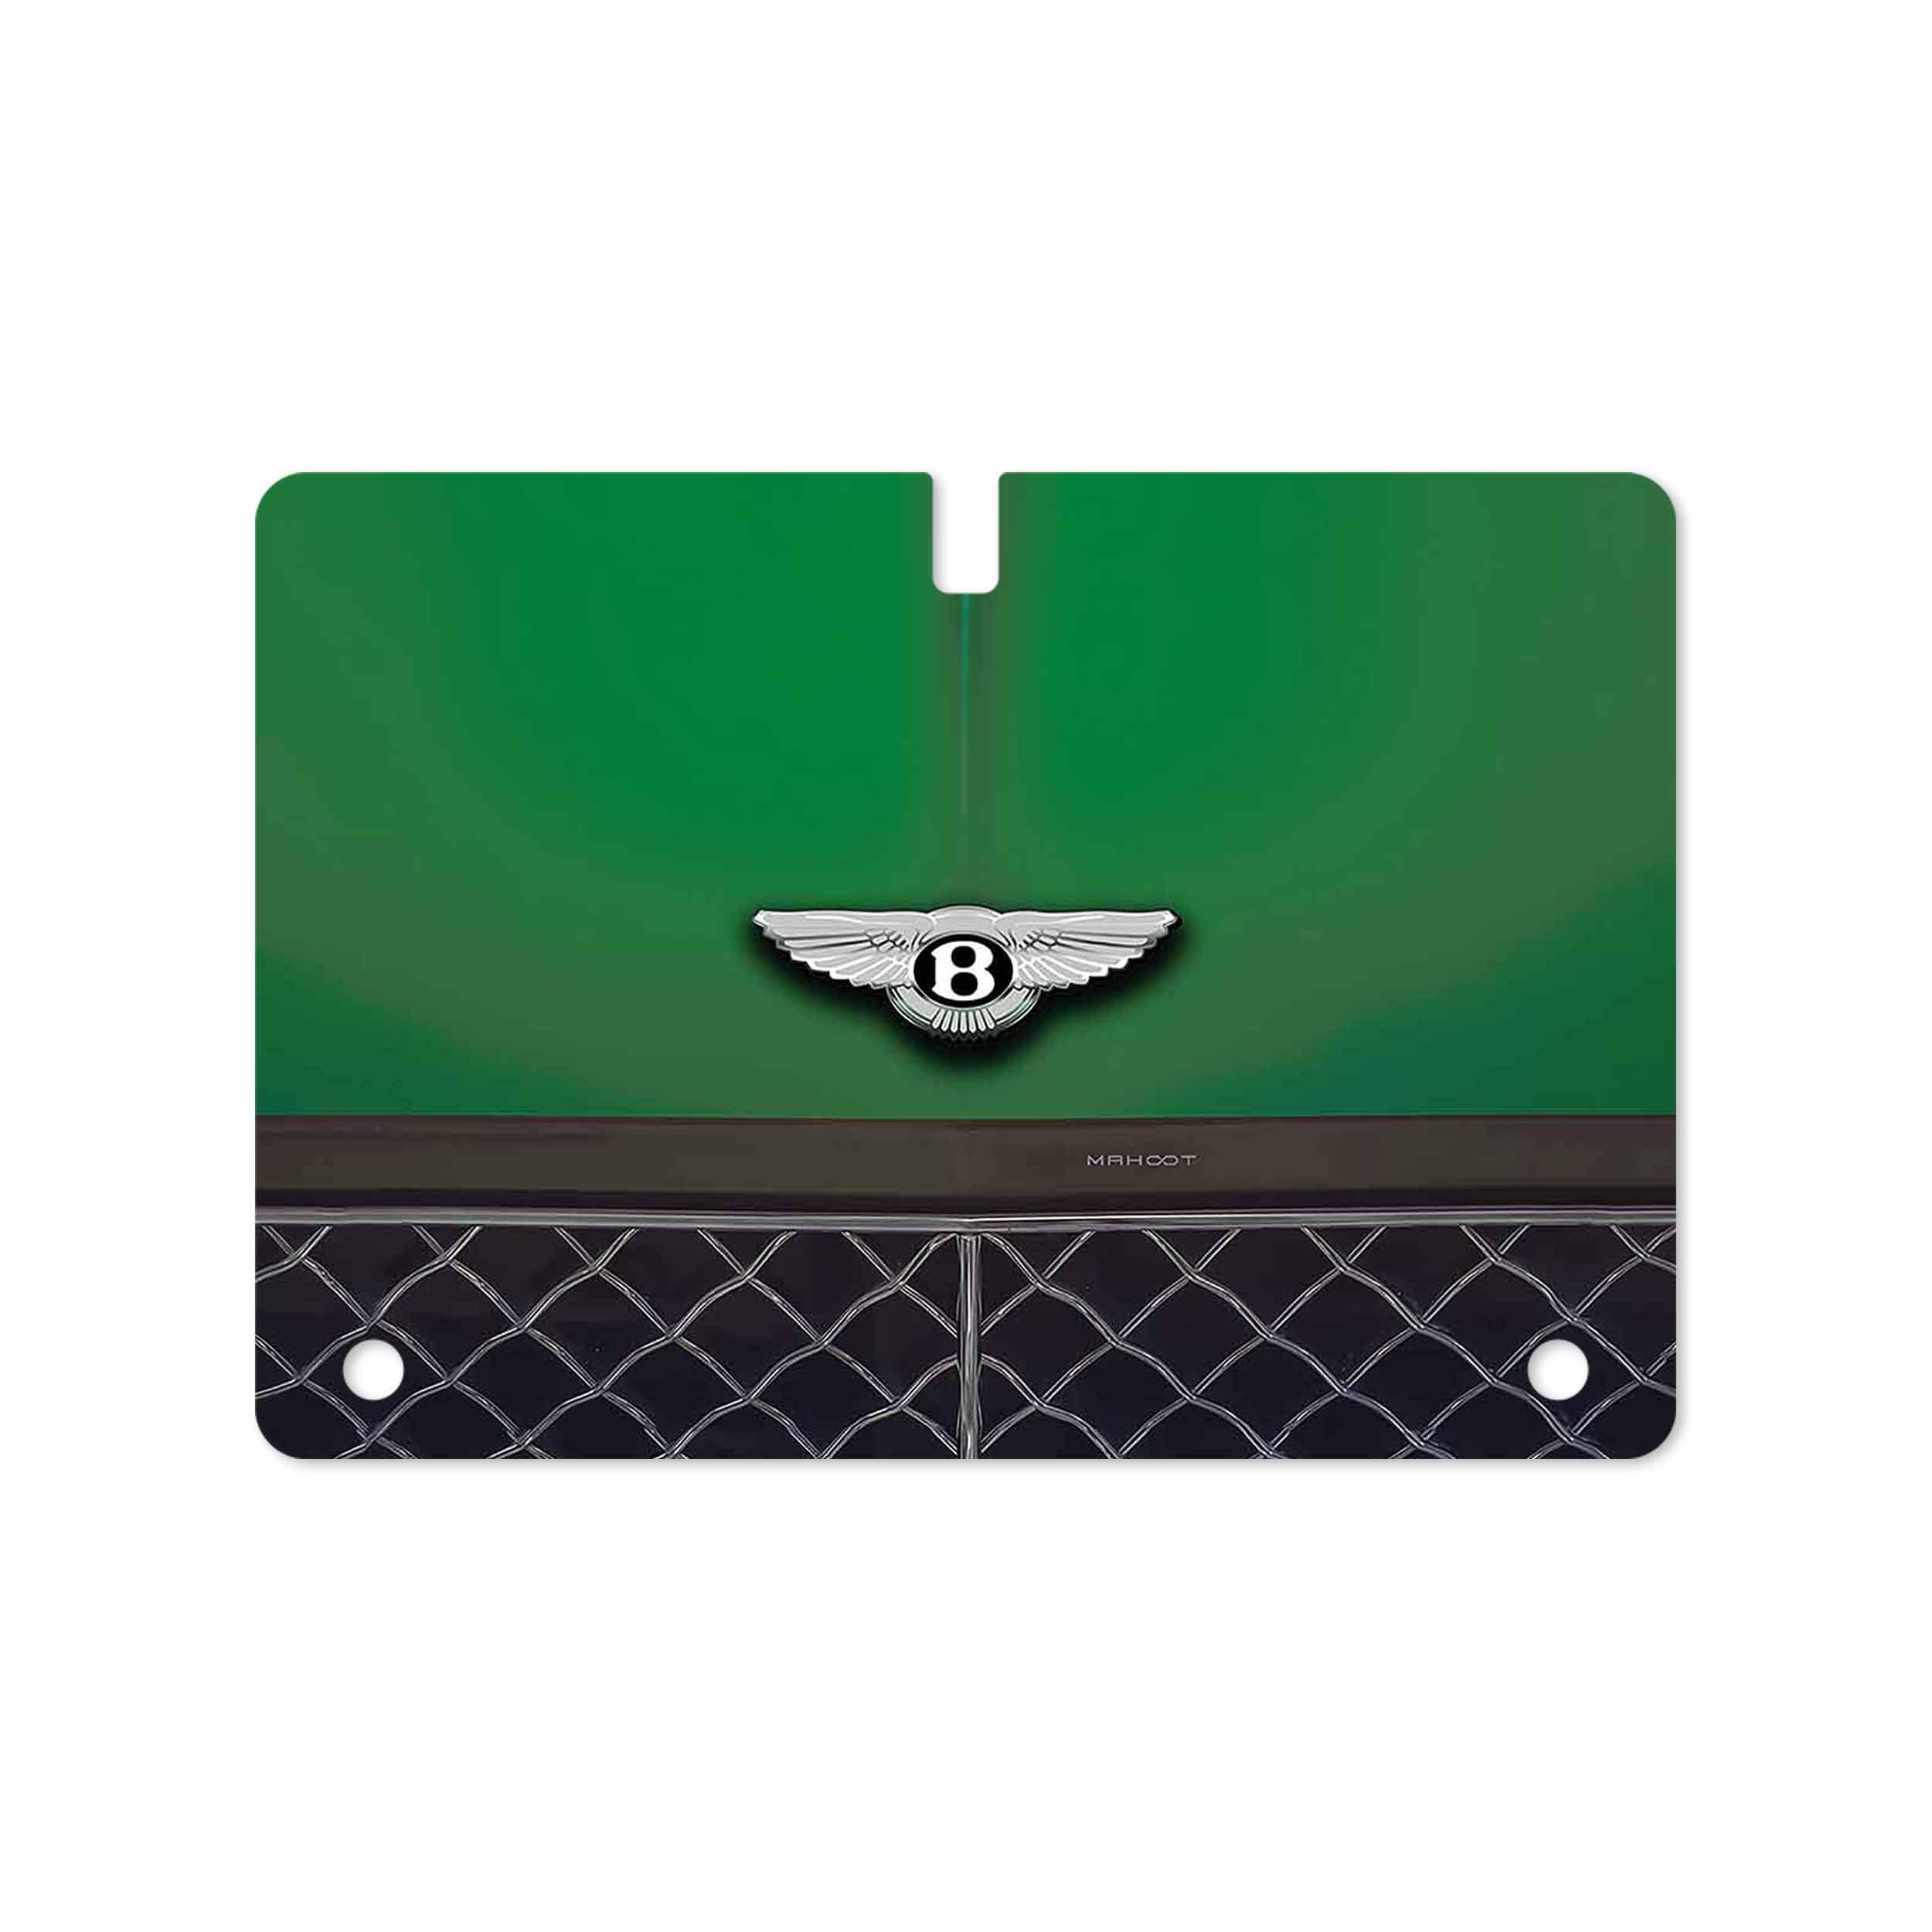 بررسی و خرید [با تخفیف]                                     برچسب پوششی ماهوت مدل Bentley مناسب برای تبلت سامسونگ Galaxy Tab S 10.5 2014 T805                             اورجینال